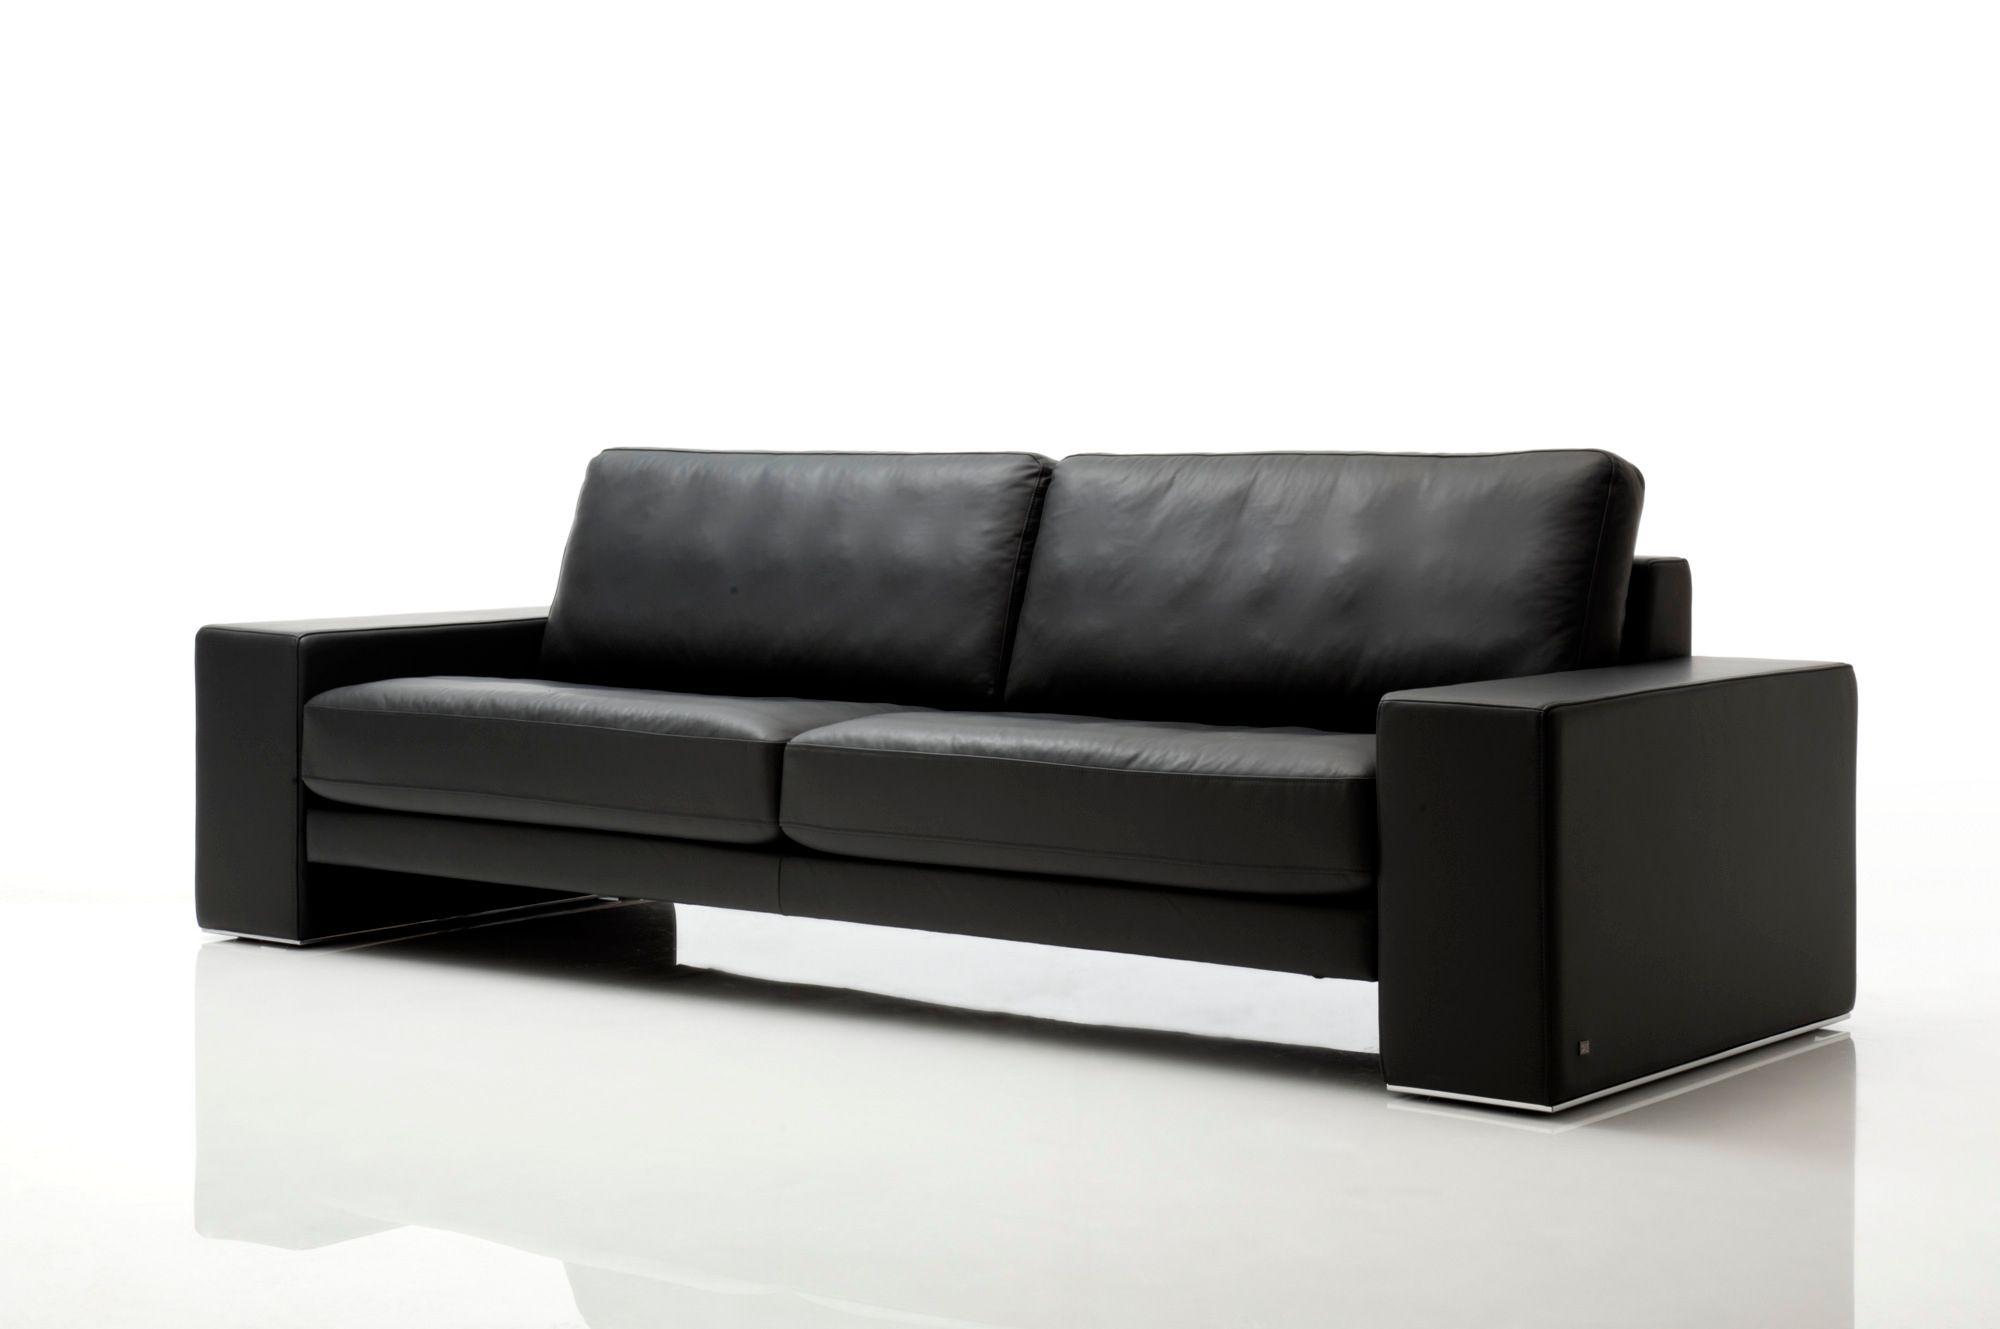 ego leather sofa ego collection by rolf benz design edgar reuter. Black Bedroom Furniture Sets. Home Design Ideas